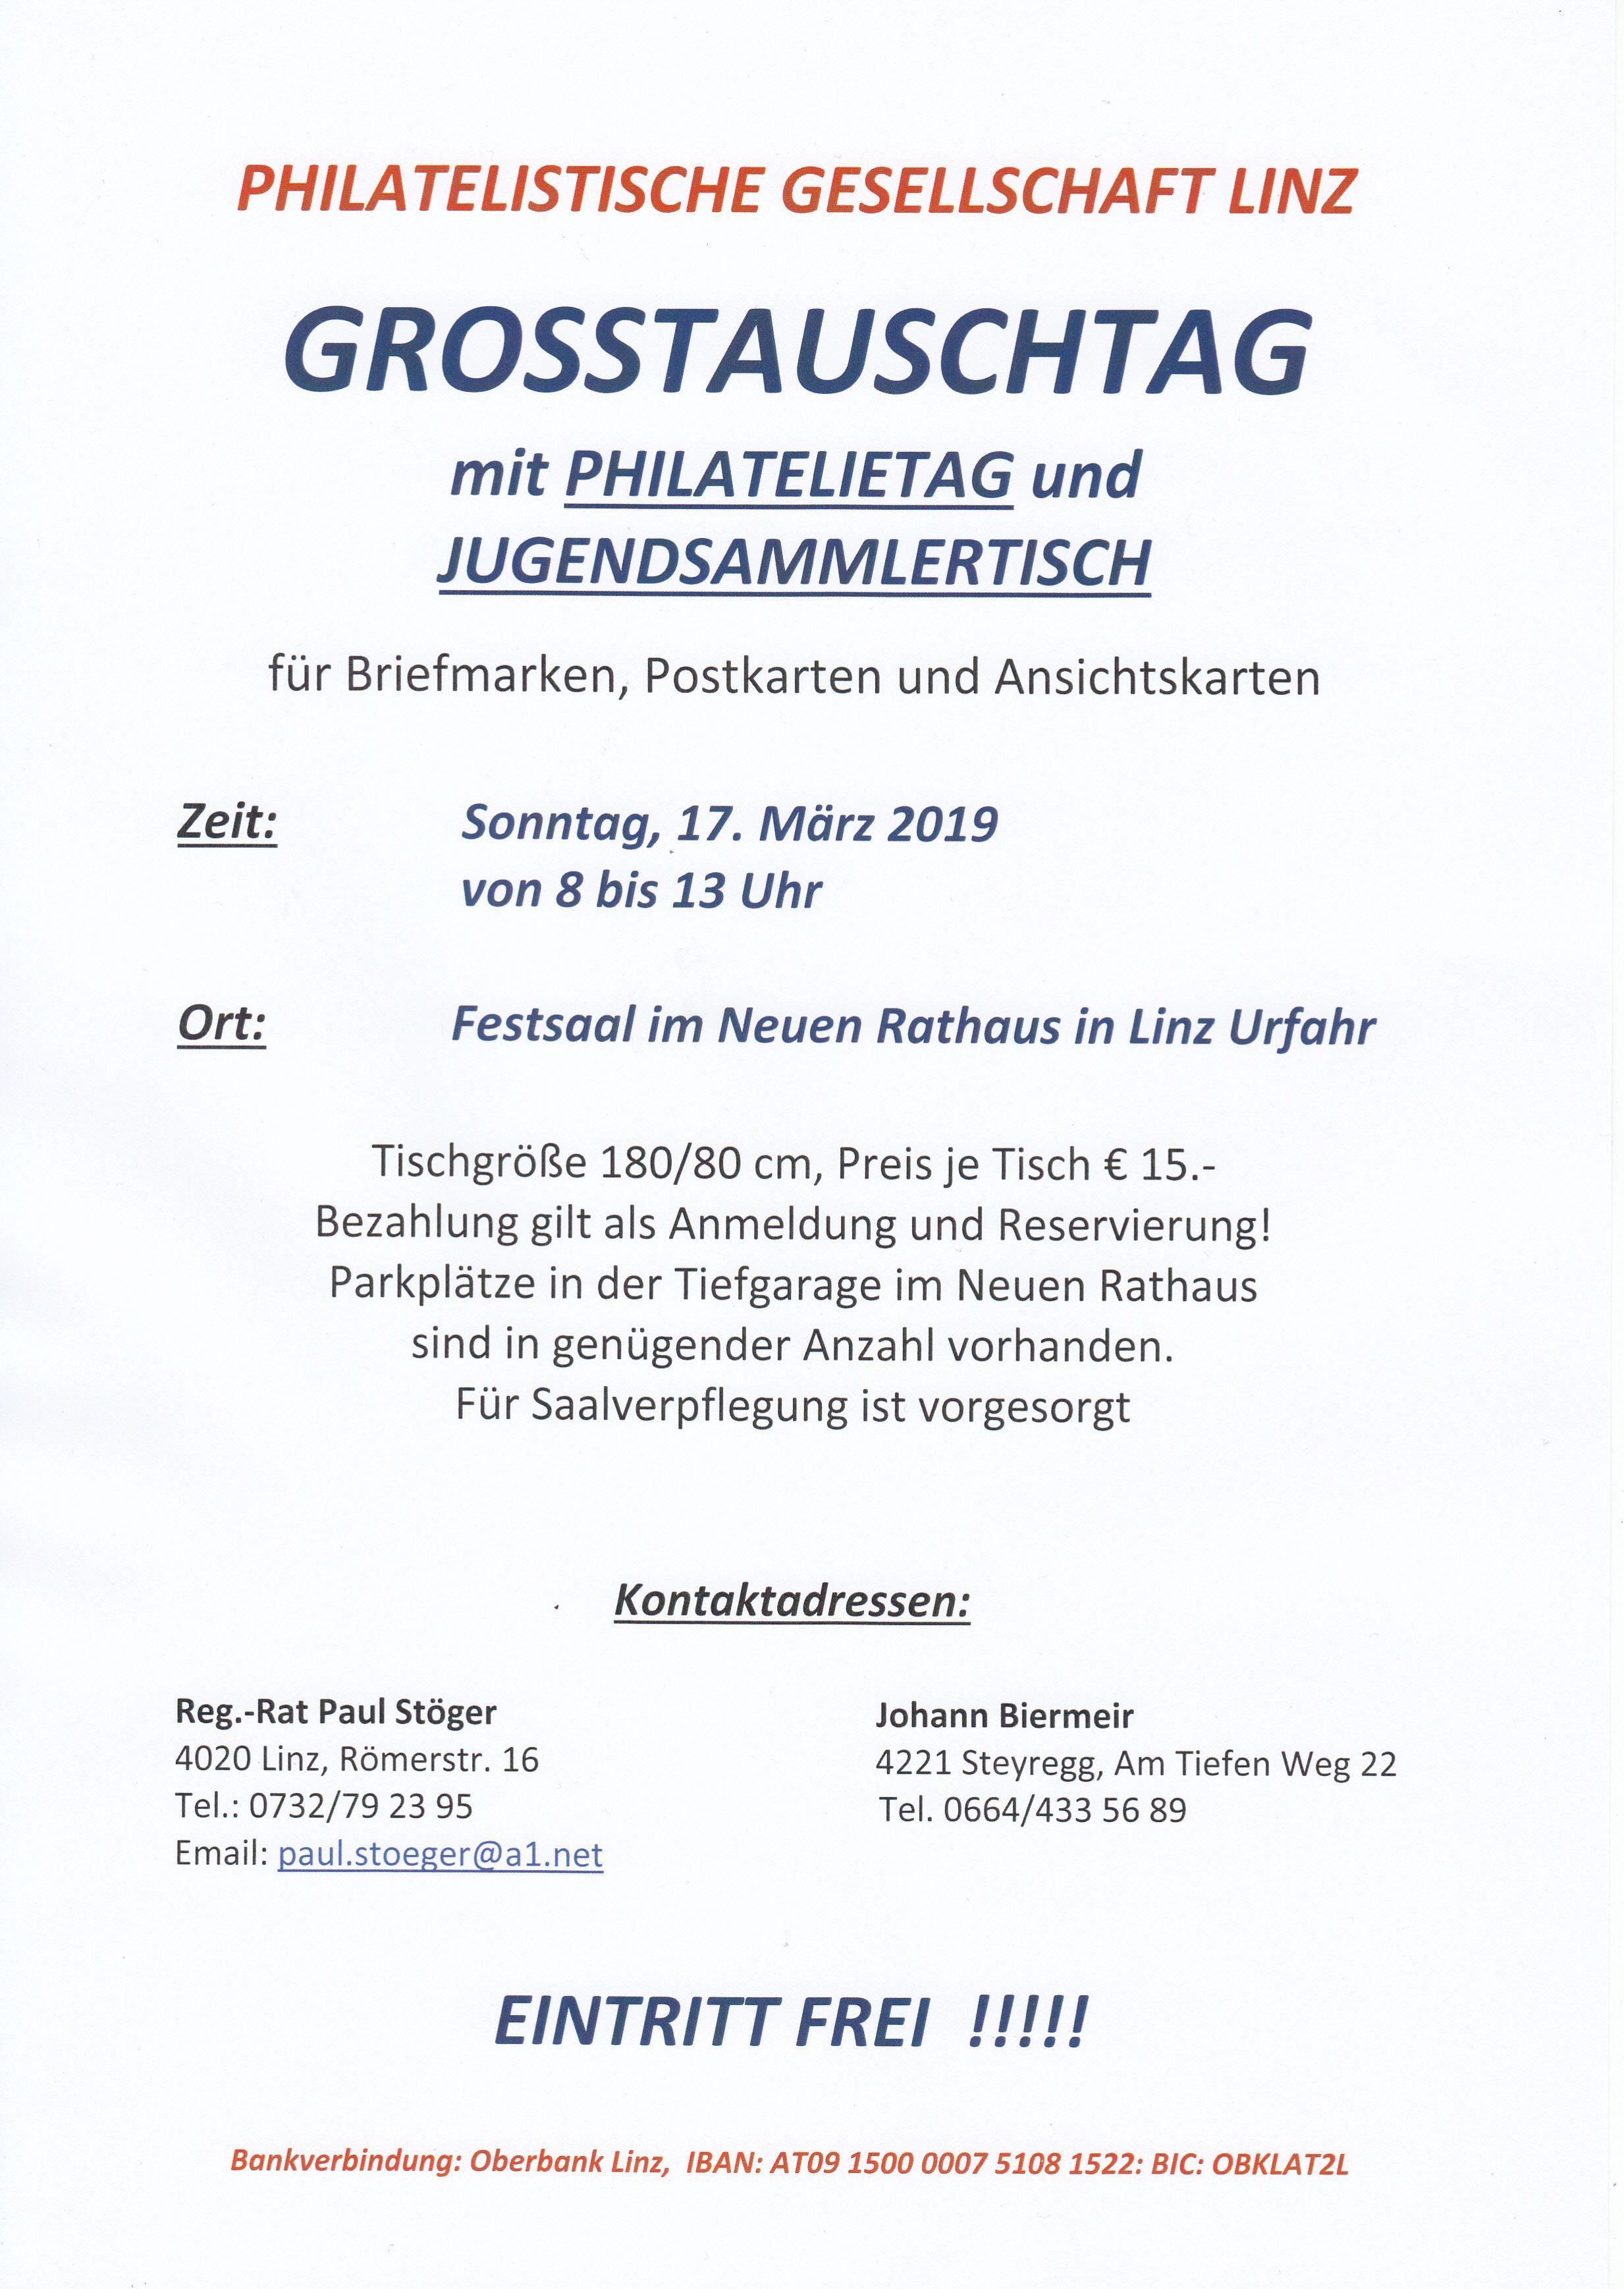 Grosstauschtag mit Werbeschau in Linz 16.und 17.03.2019 Img_0157